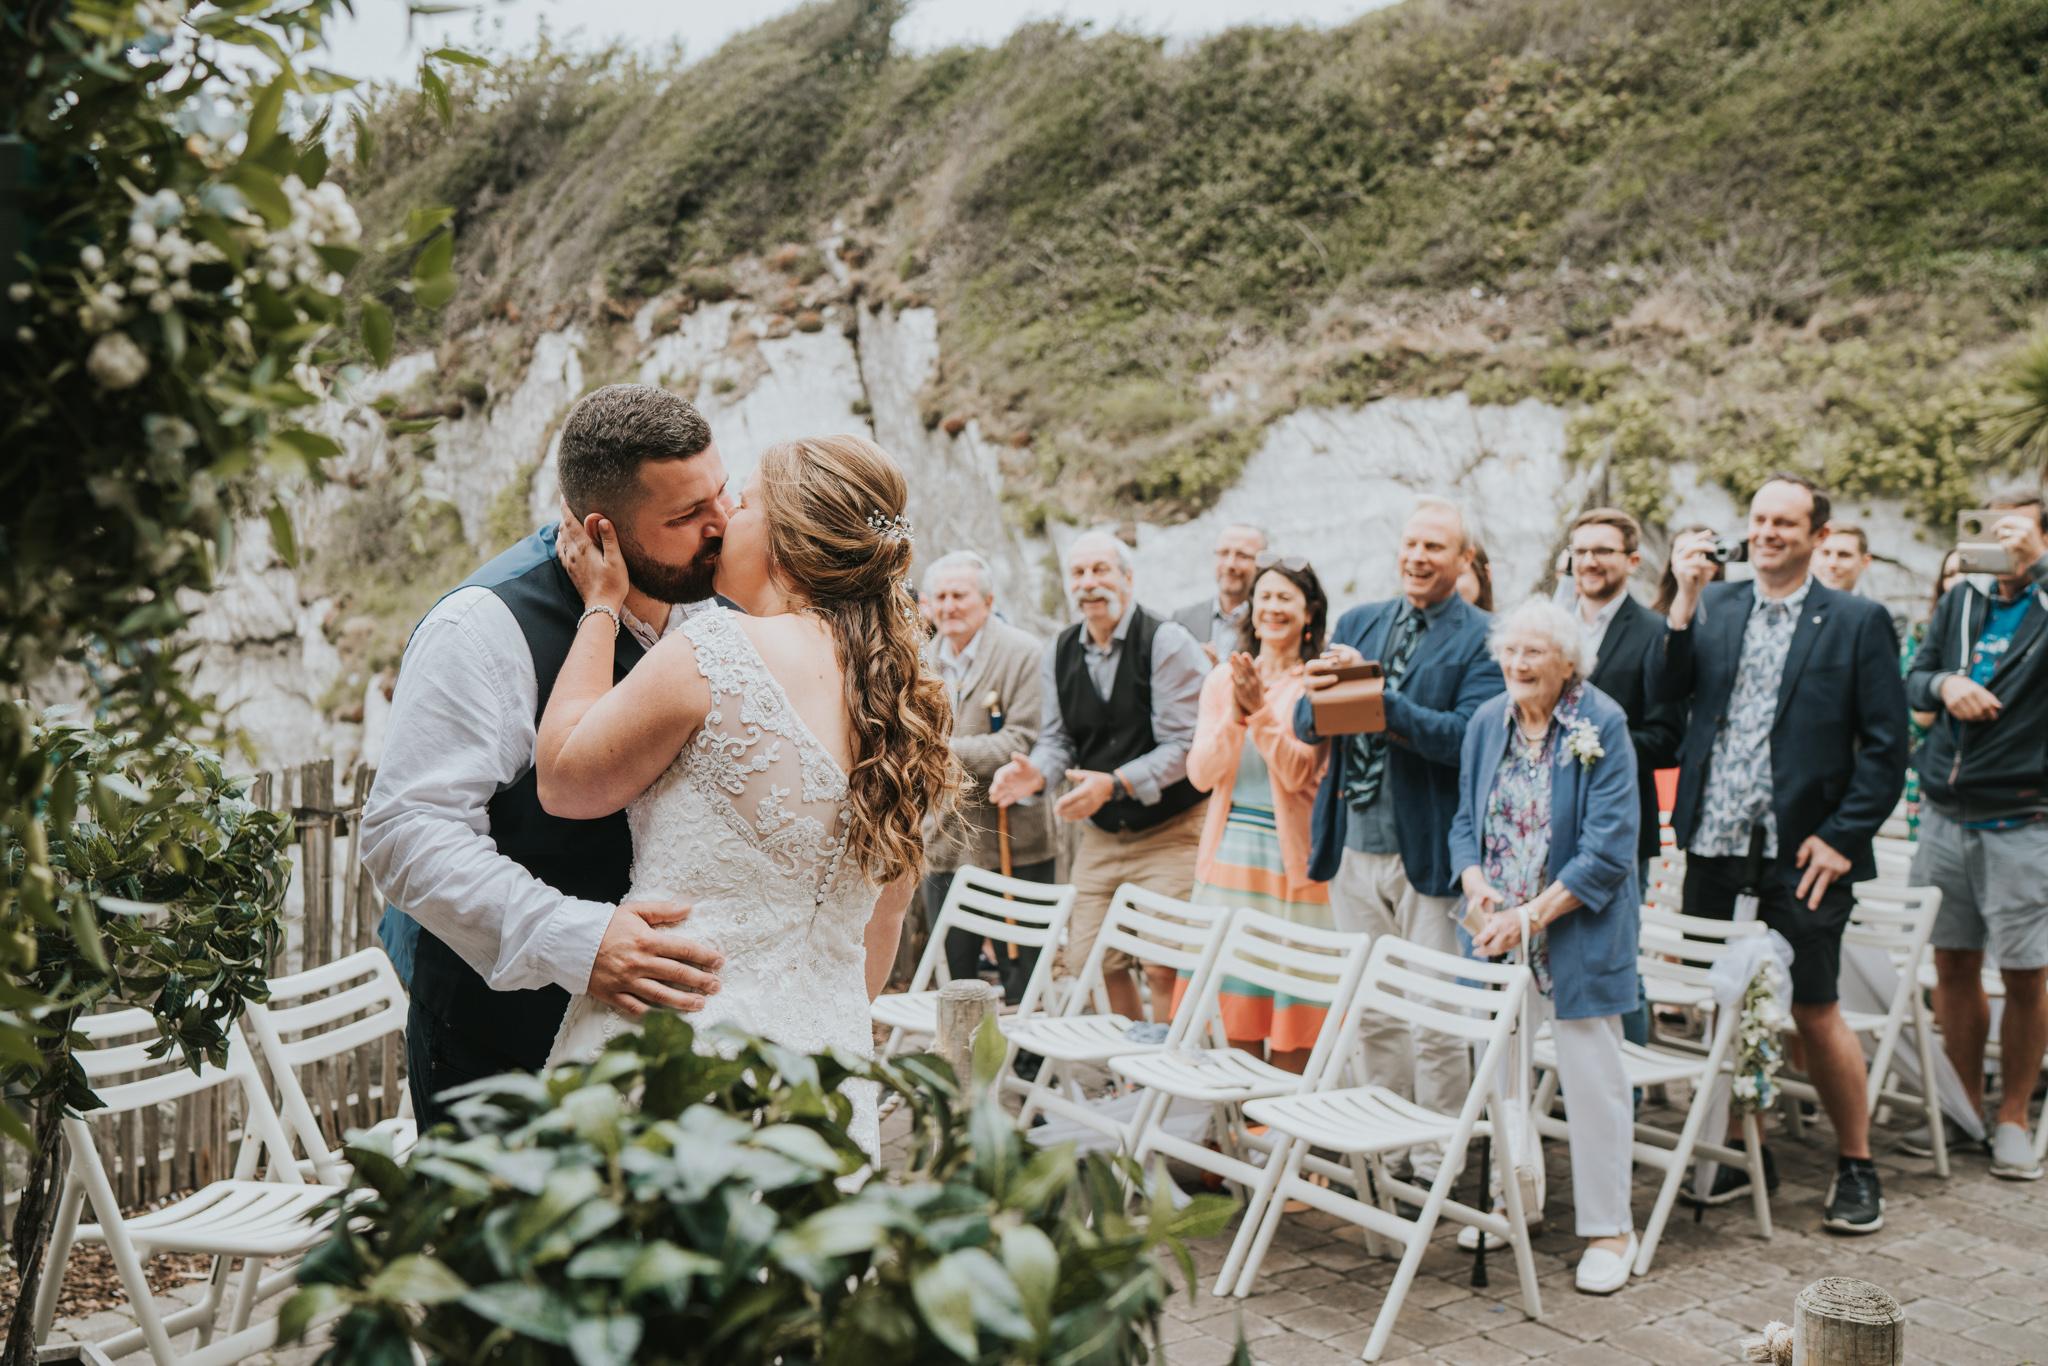 grace-elizabeth-essex-wedding-photographer-best-2018-highlights-norfolk-essex-devon-suffolk (65 of 100).jpg